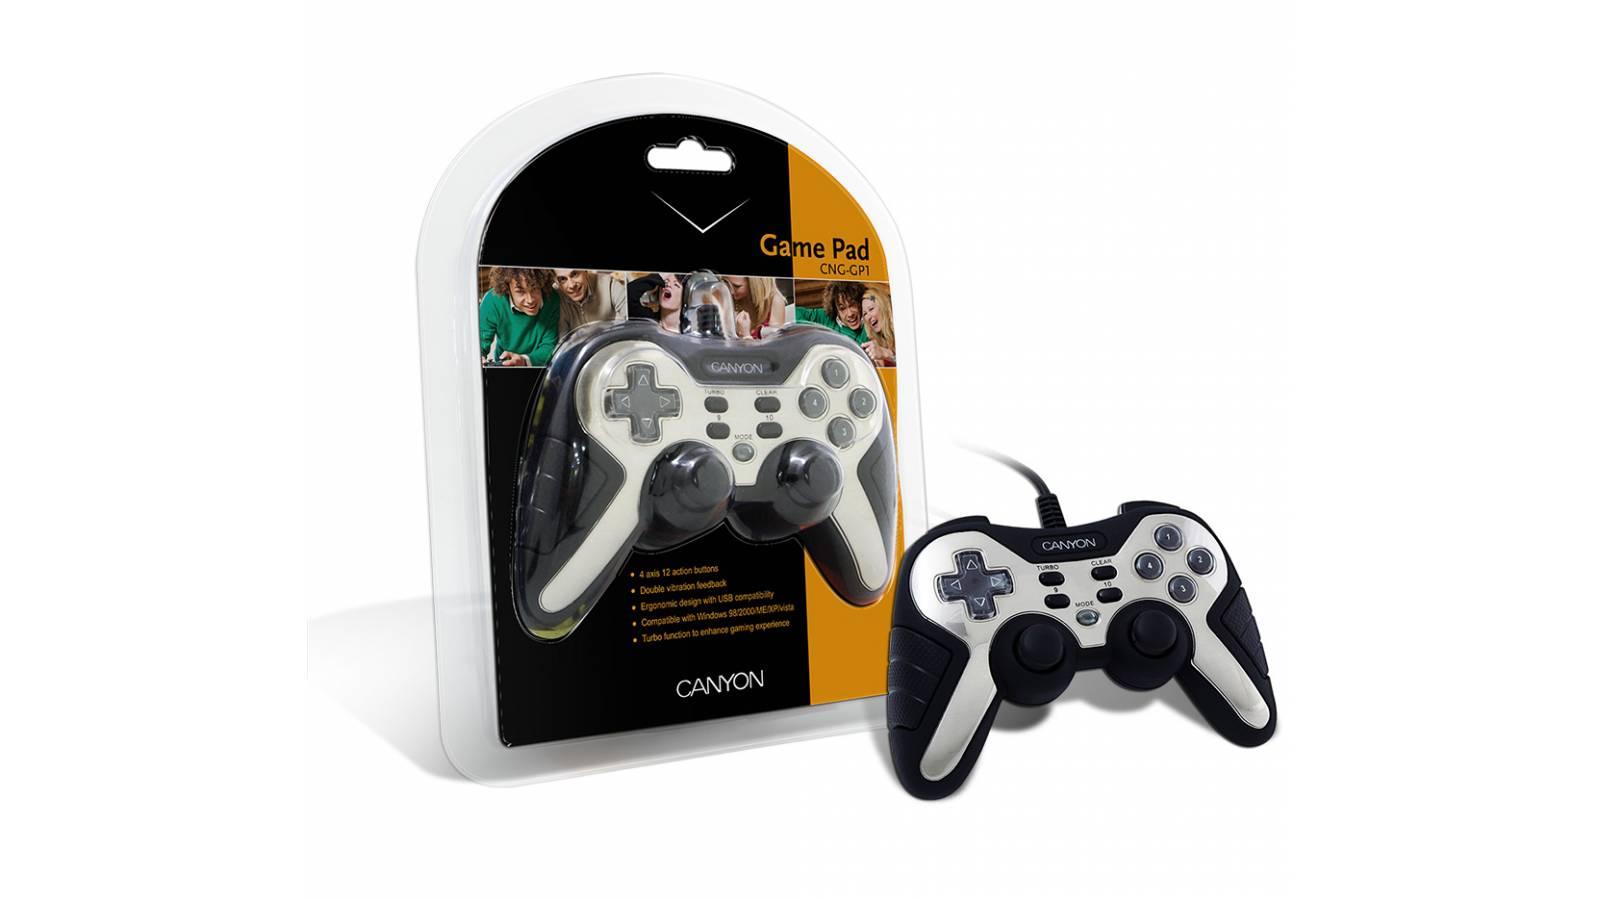 Game Pad Canyon CNG-GP01N